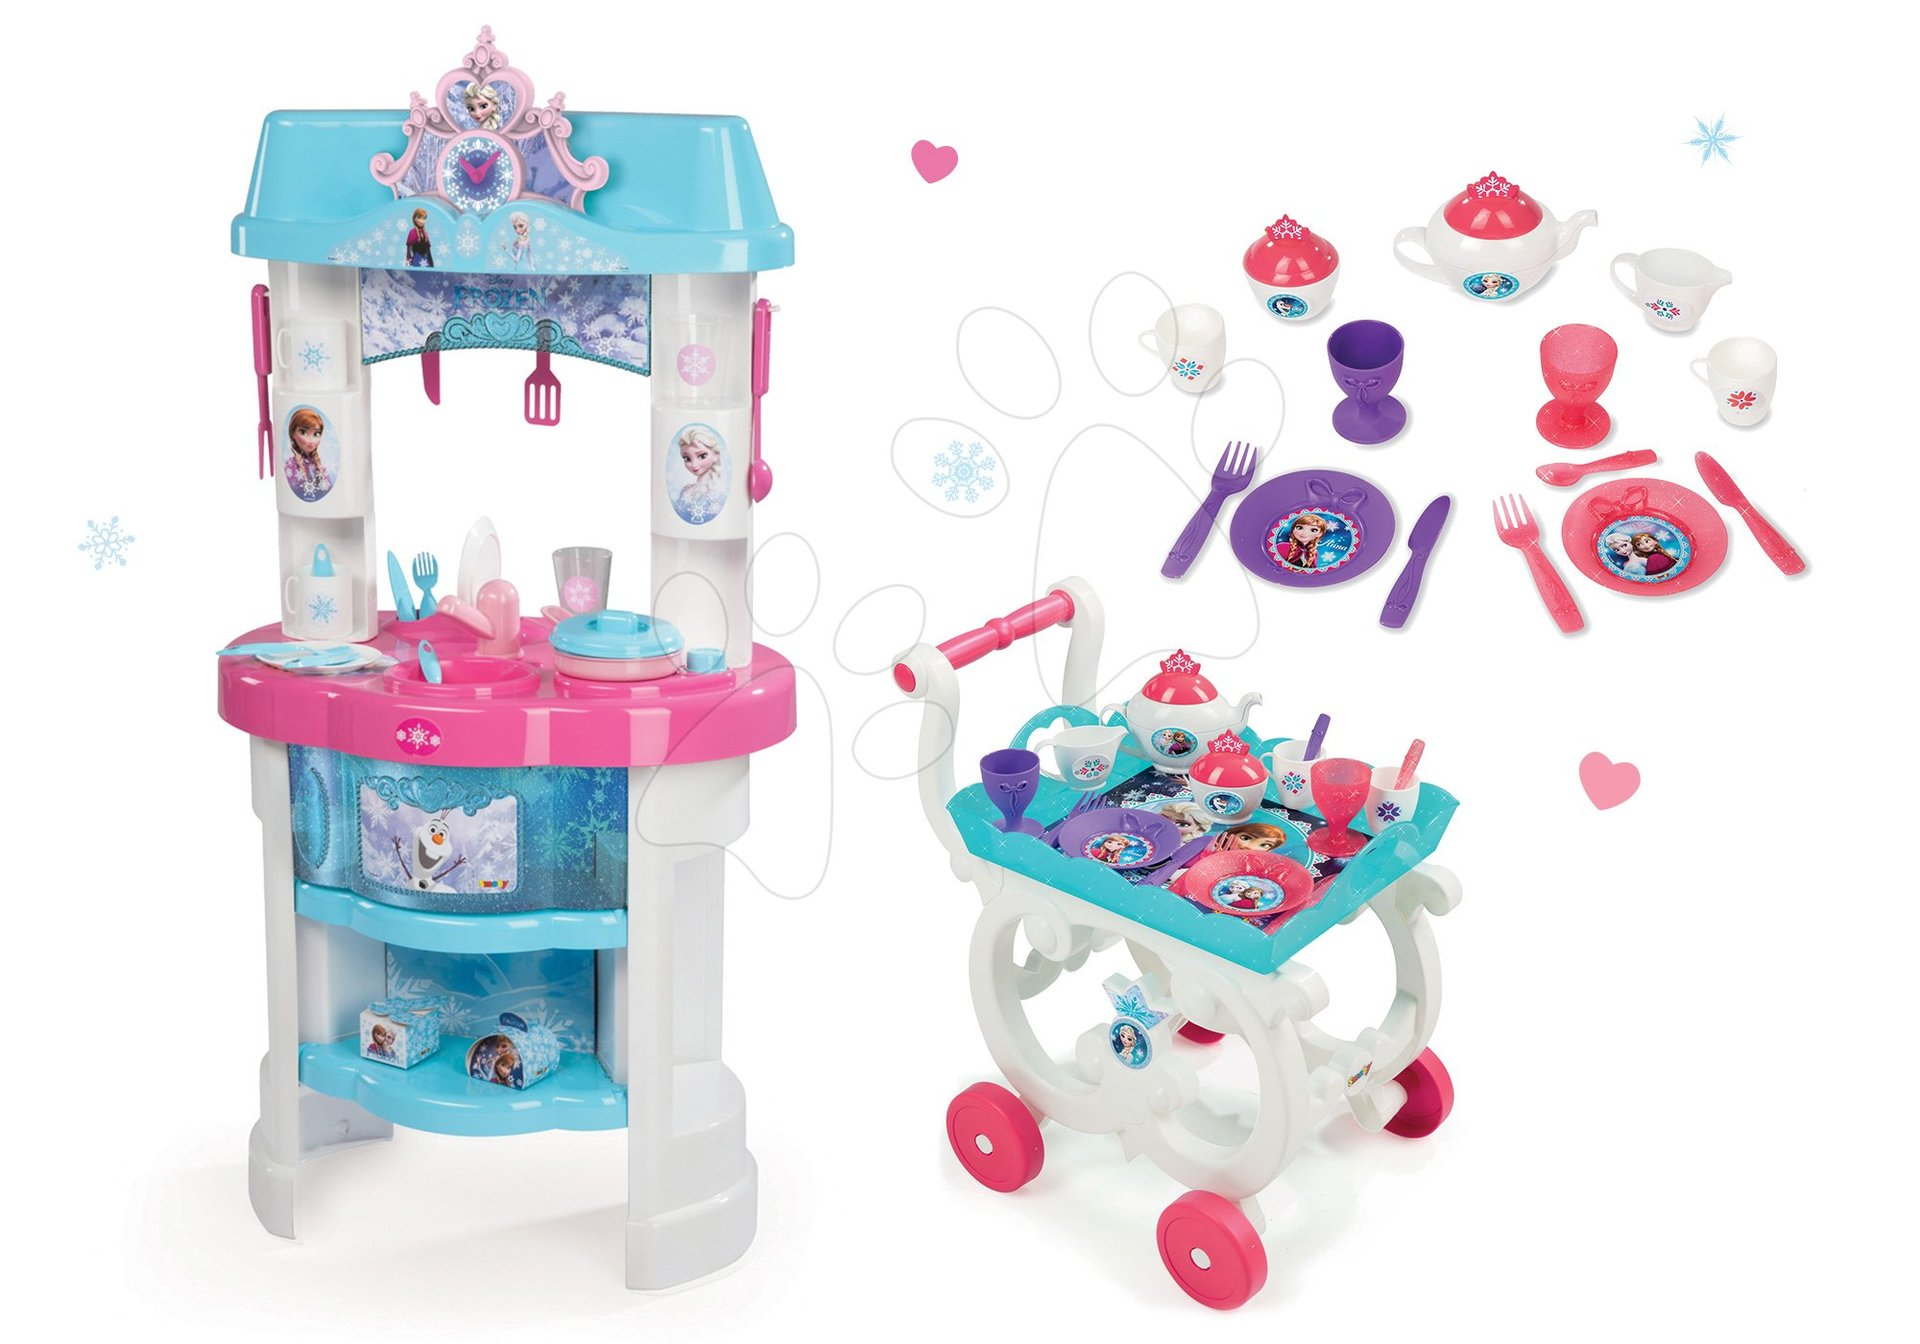 Kuchynky pre deti sety - Set kuchynka Frozen Smoby s trblietkam a čajová súprava na servírovacom vozíku